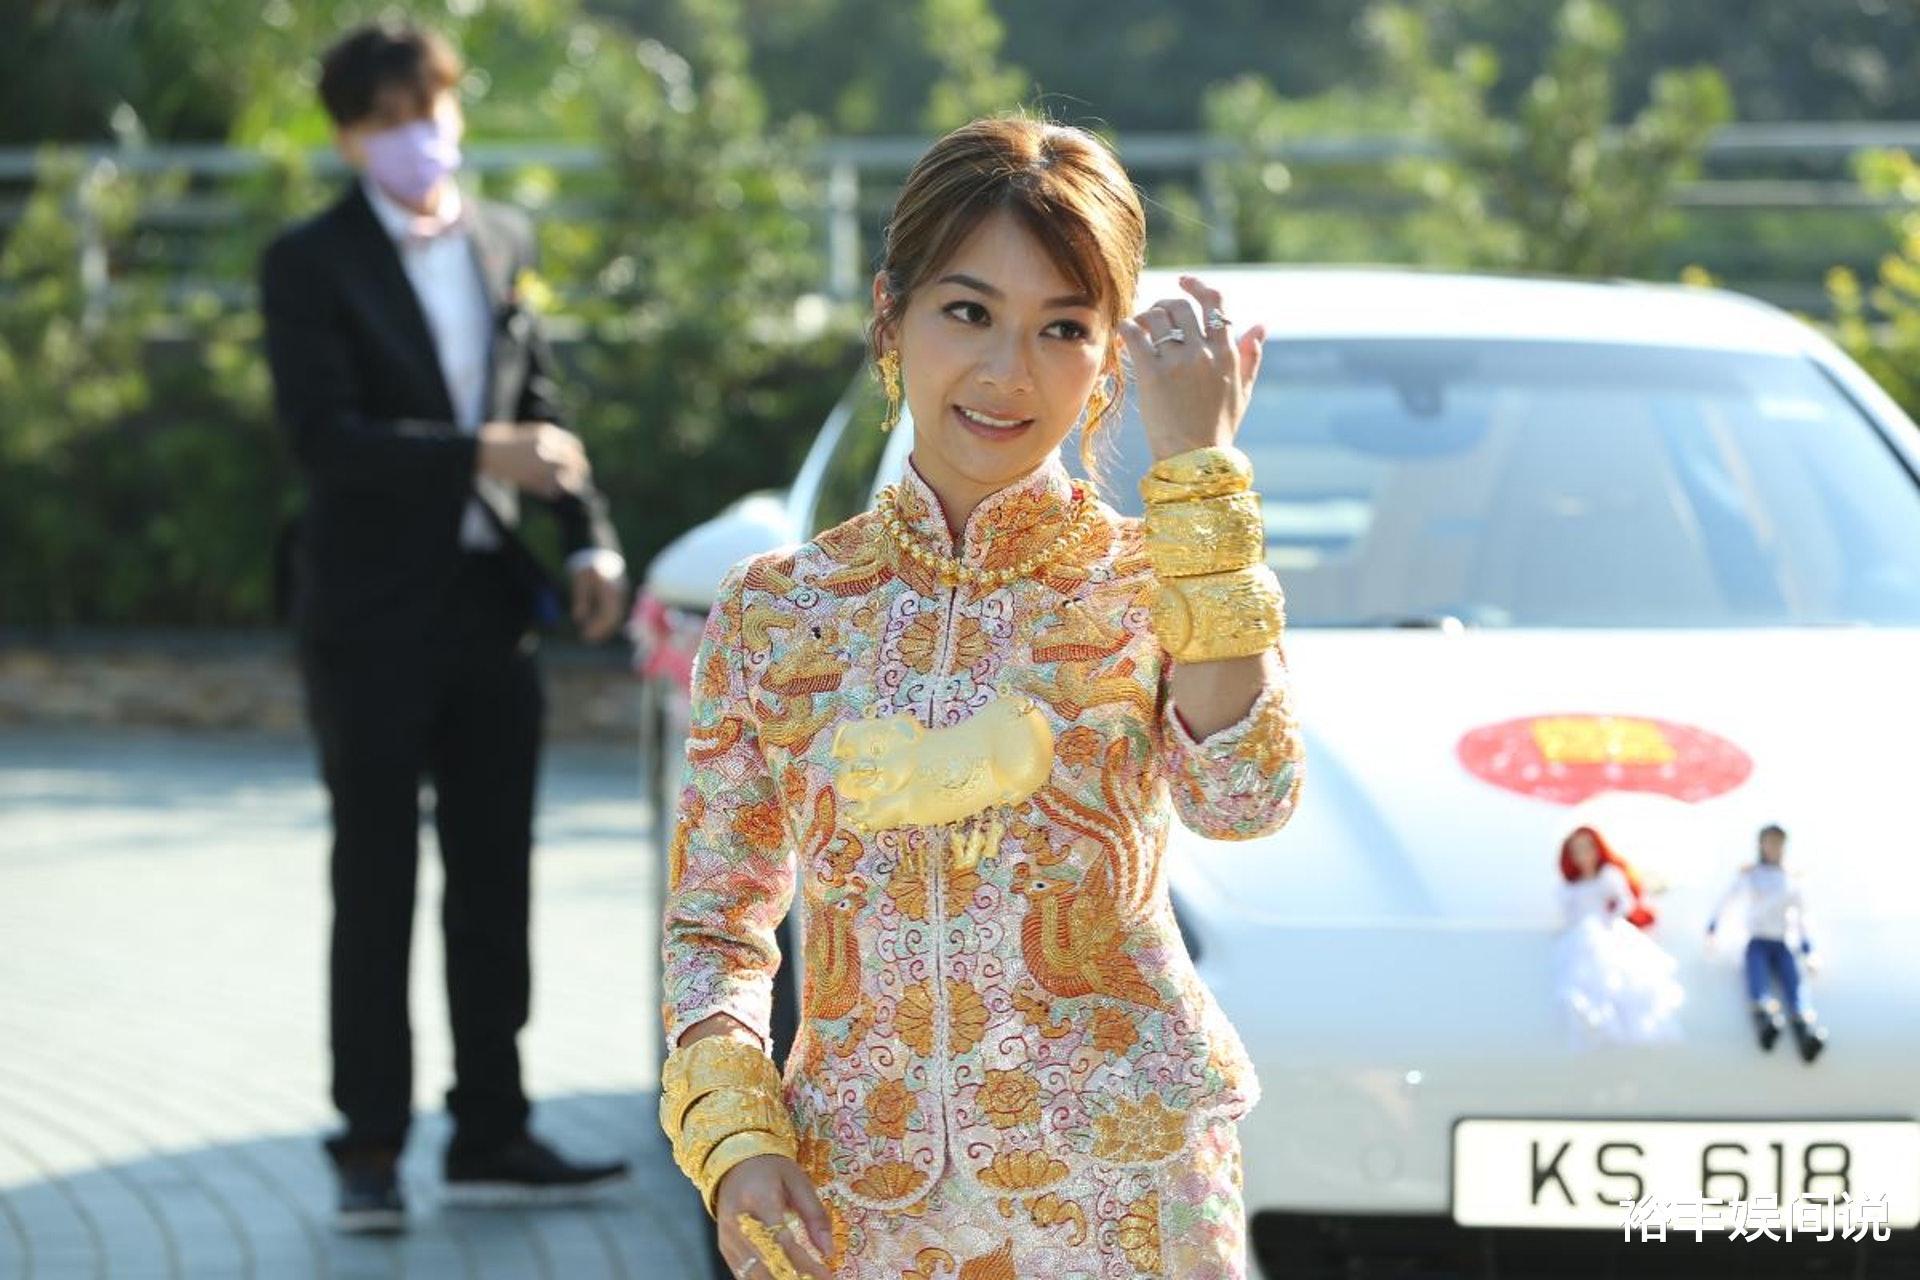 恭喜!TVB小花何雁詩今日出嫁,戴三對大龍鳳鐲,頸掛一隻大金豬-圖5